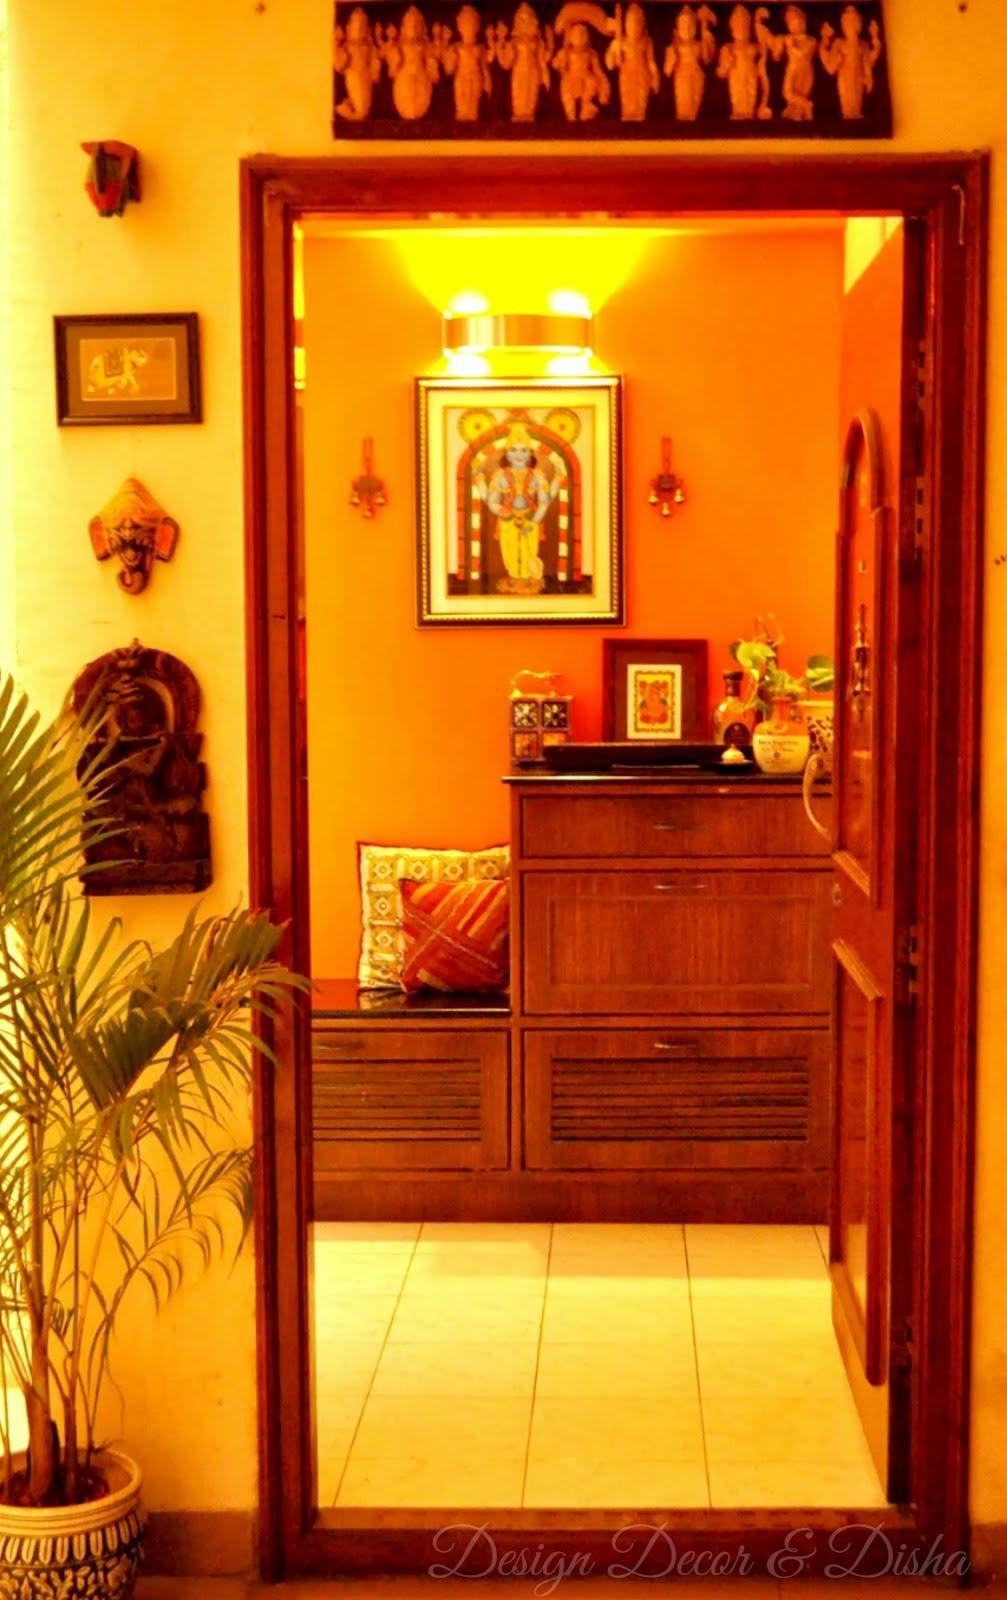 Home Interior Entrance Design Ideas: An Indian Design & Decor Blog: Home